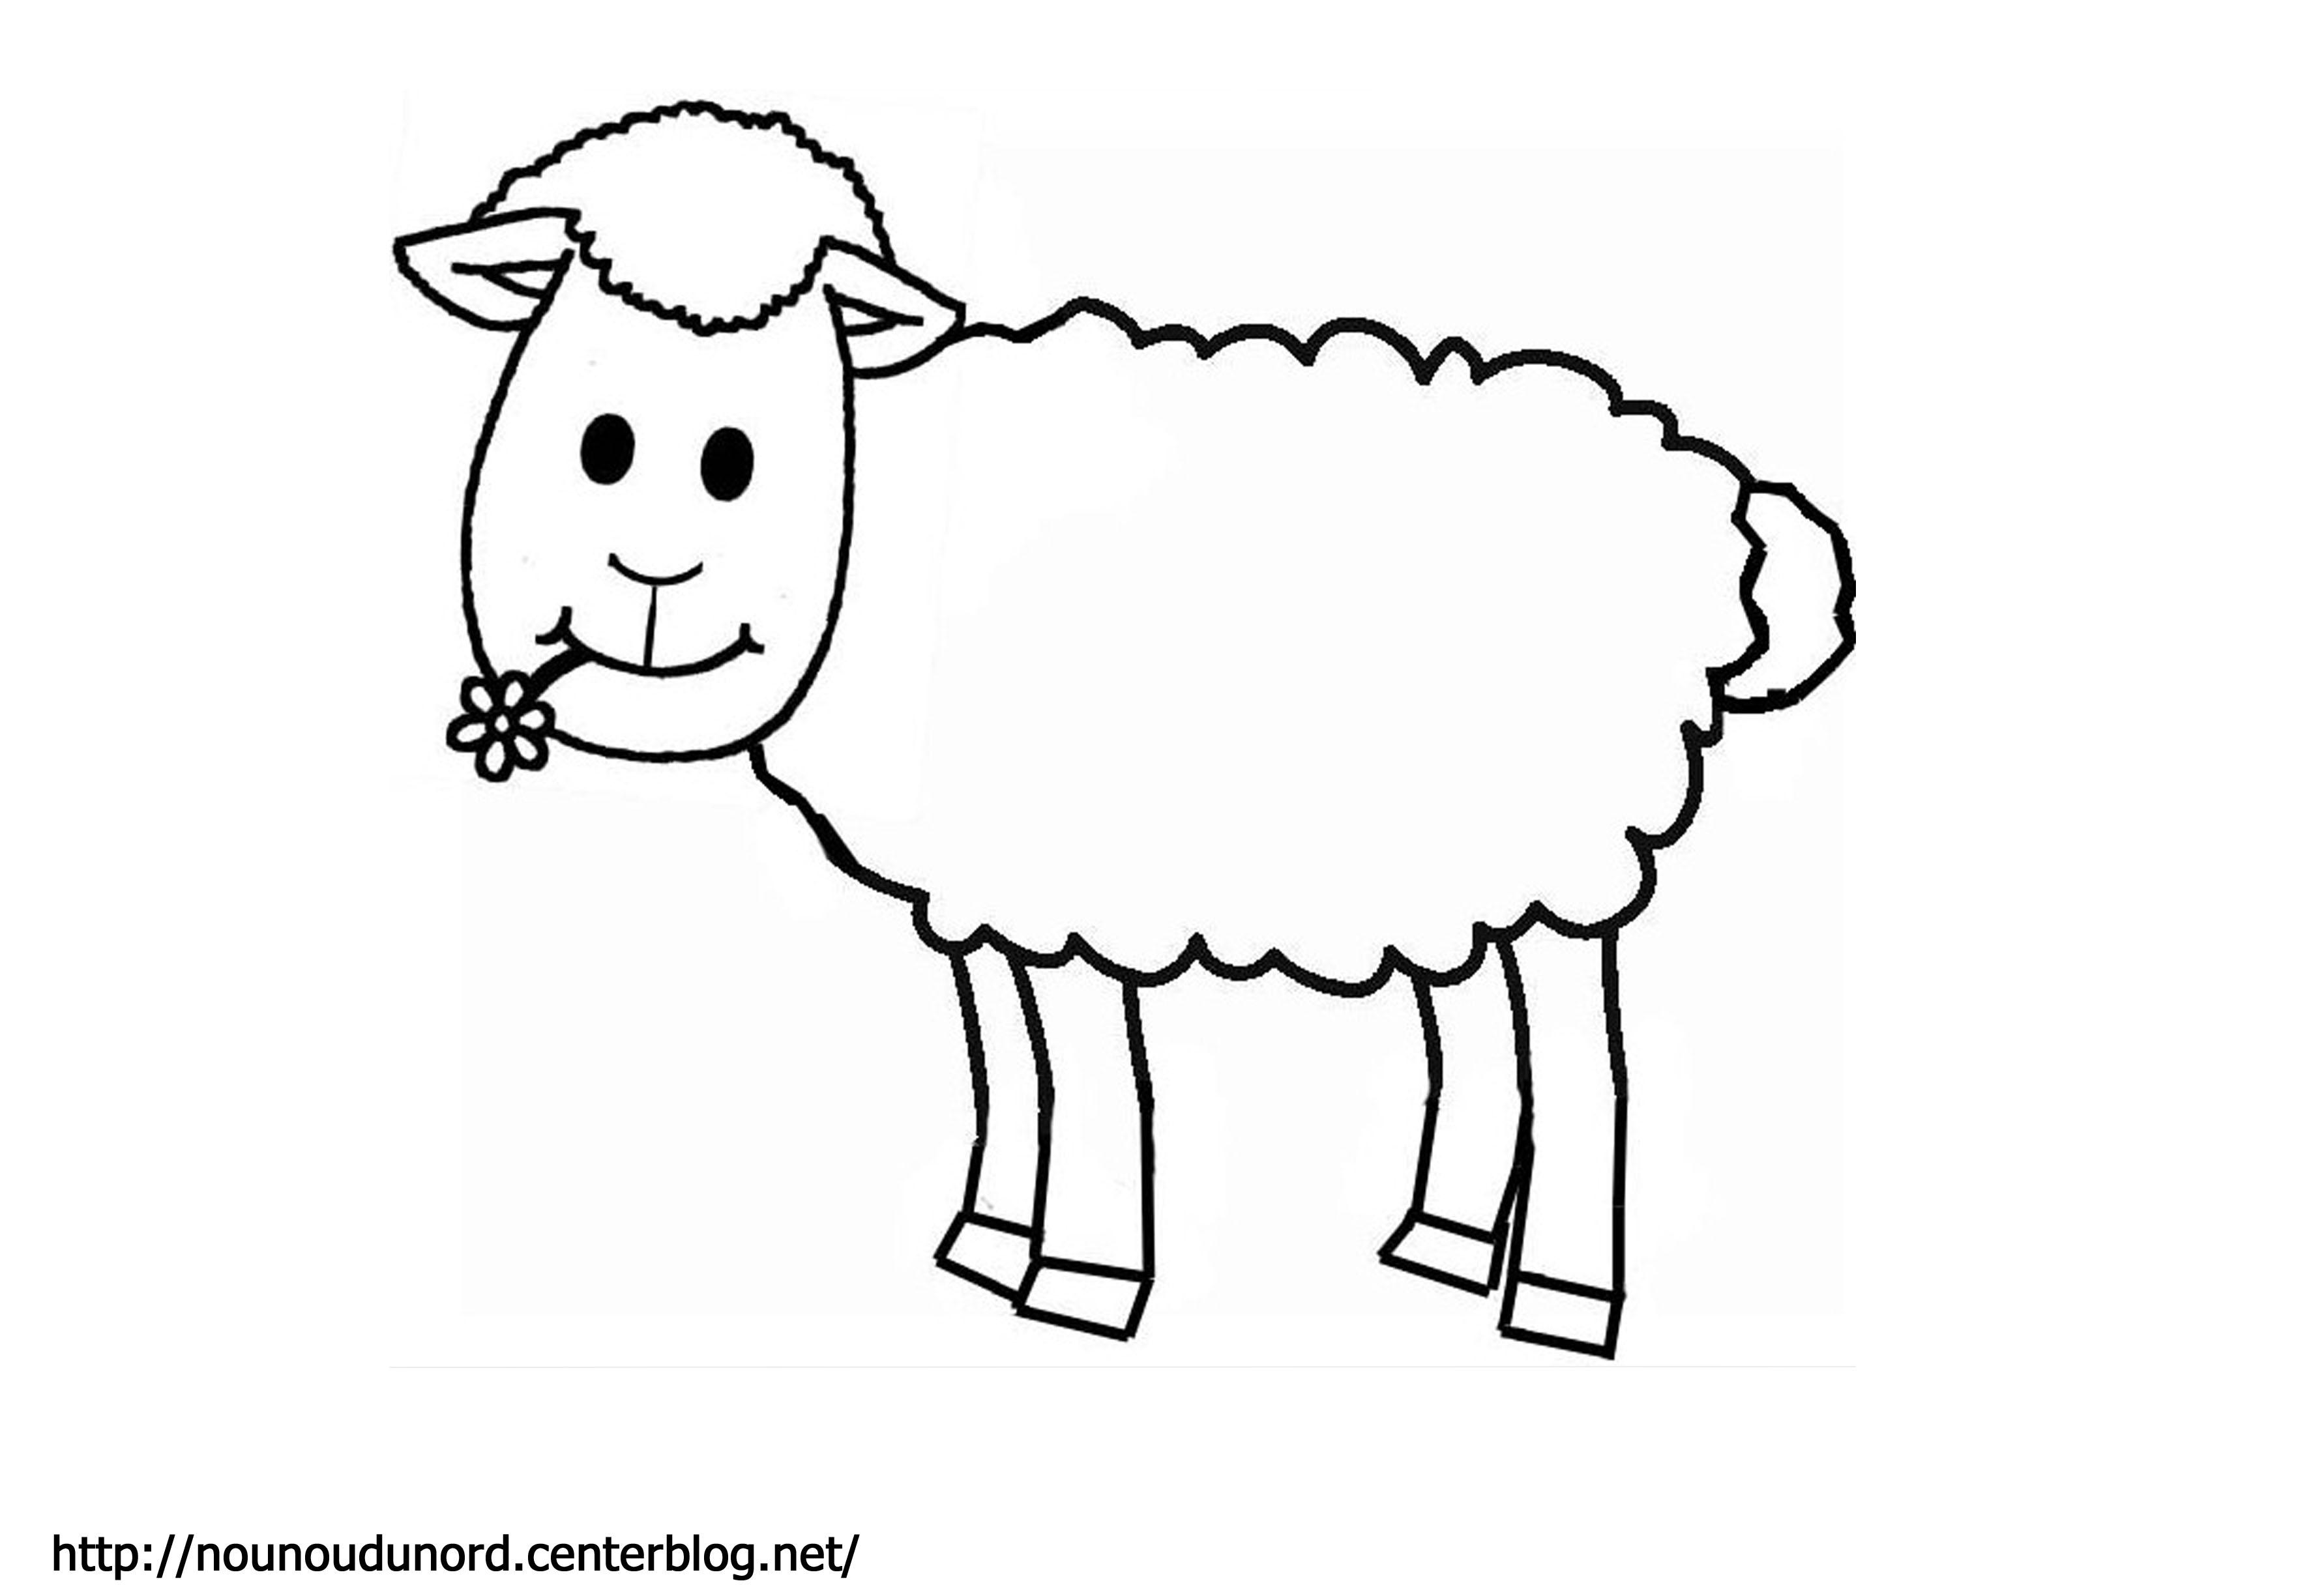 Extrêmement Sélection de coloriage mouton à imprimer sur LaGuerche.com - Page 4 CP04